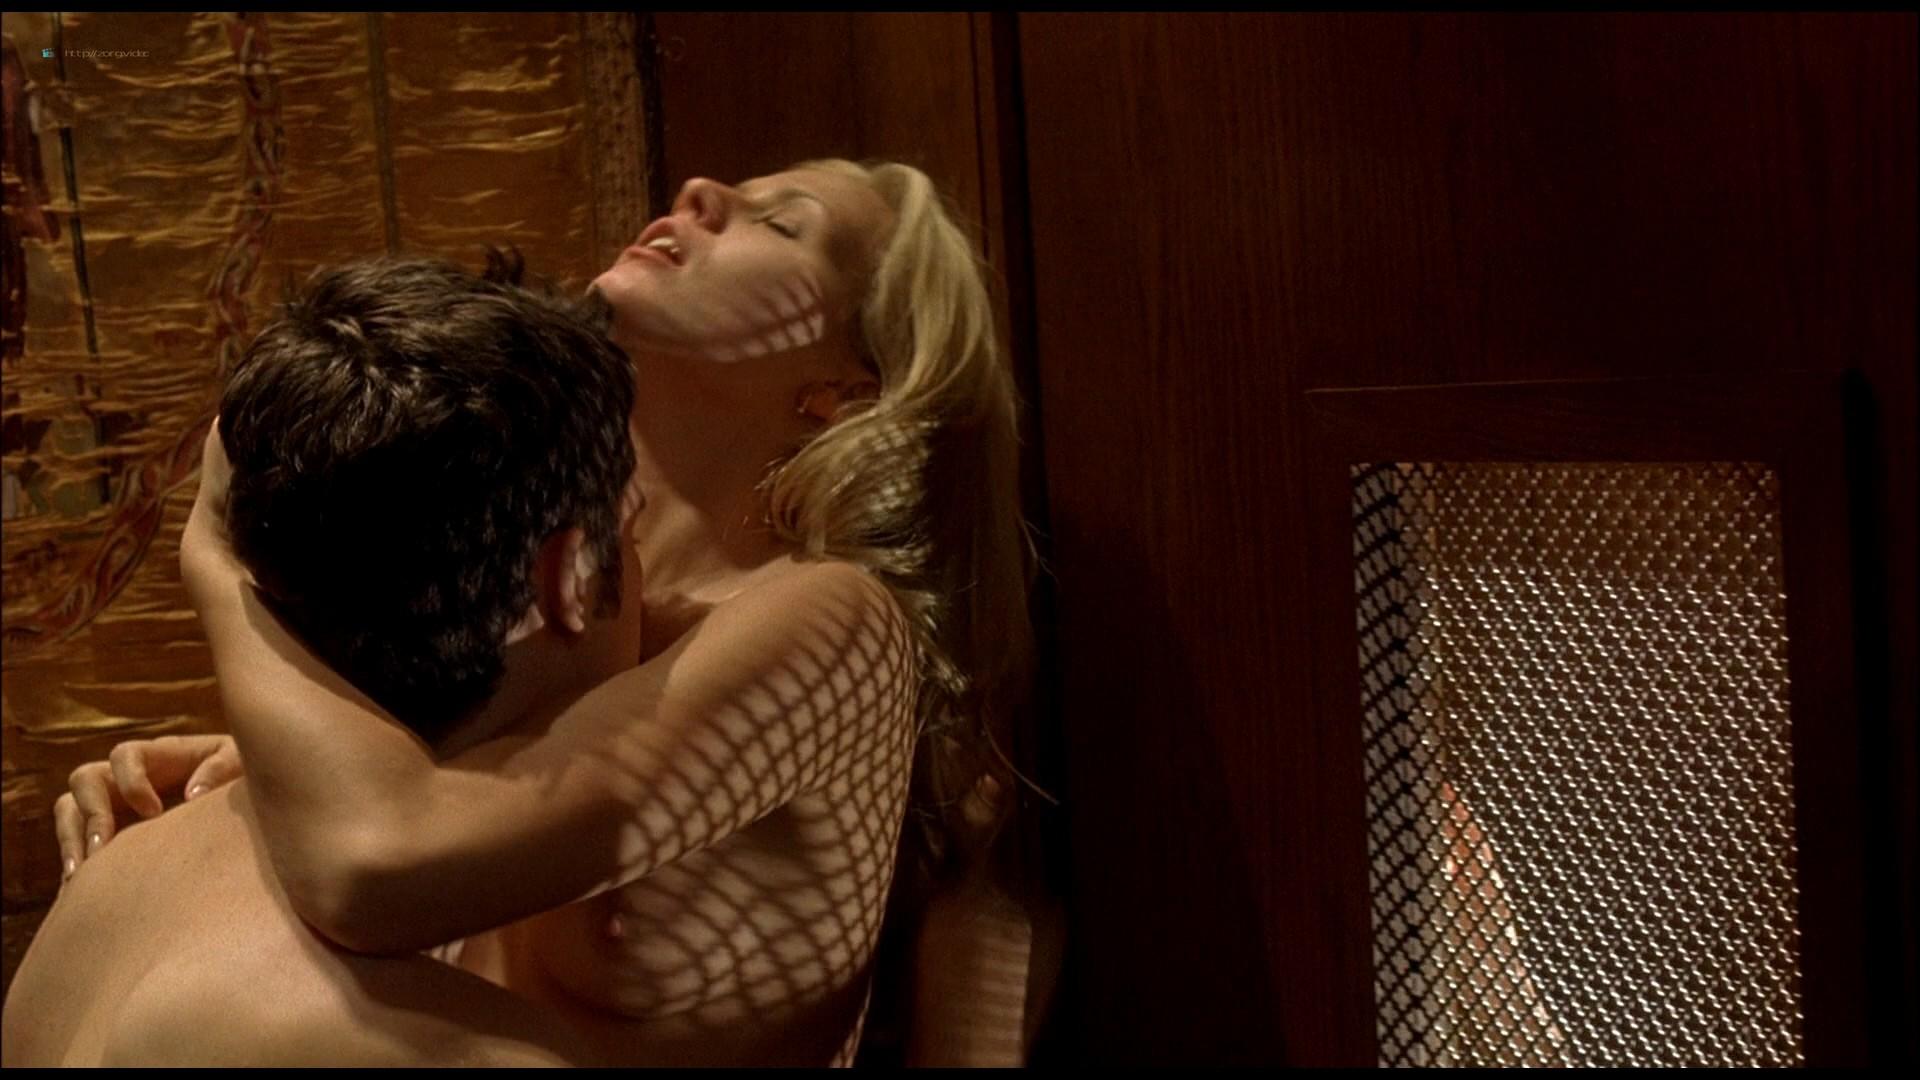 Michelle trachtenberg nude in eurotrip hd